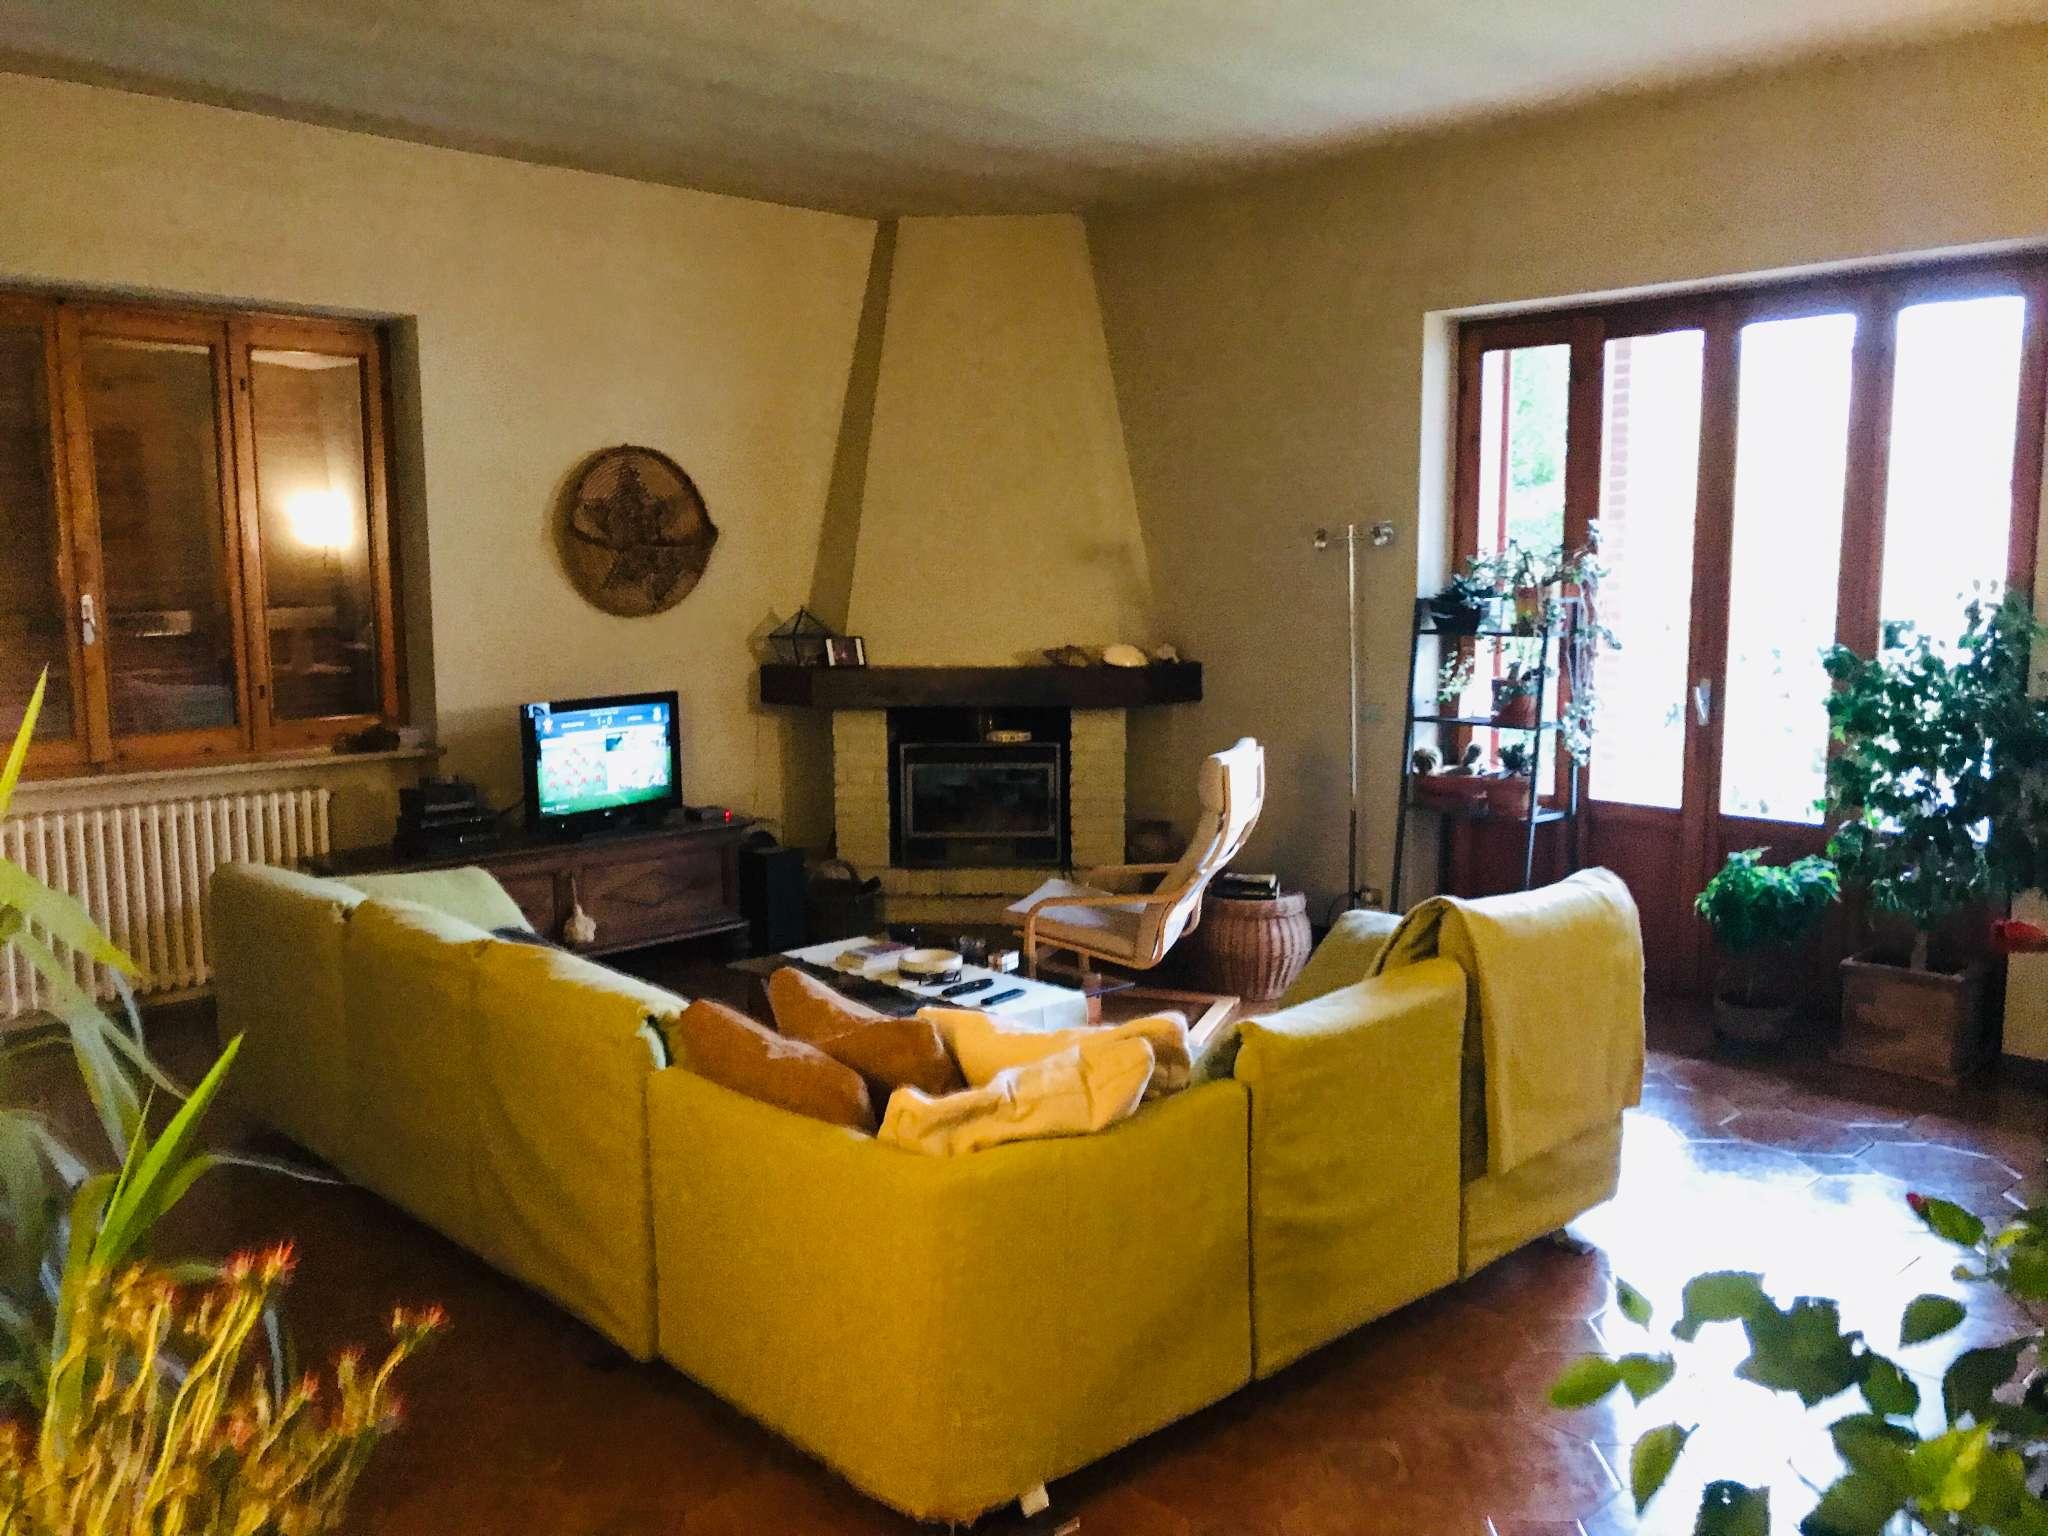 Villa in vendita a Castel San Giovanni, 5 locali, prezzo € 290.000 | CambioCasa.it